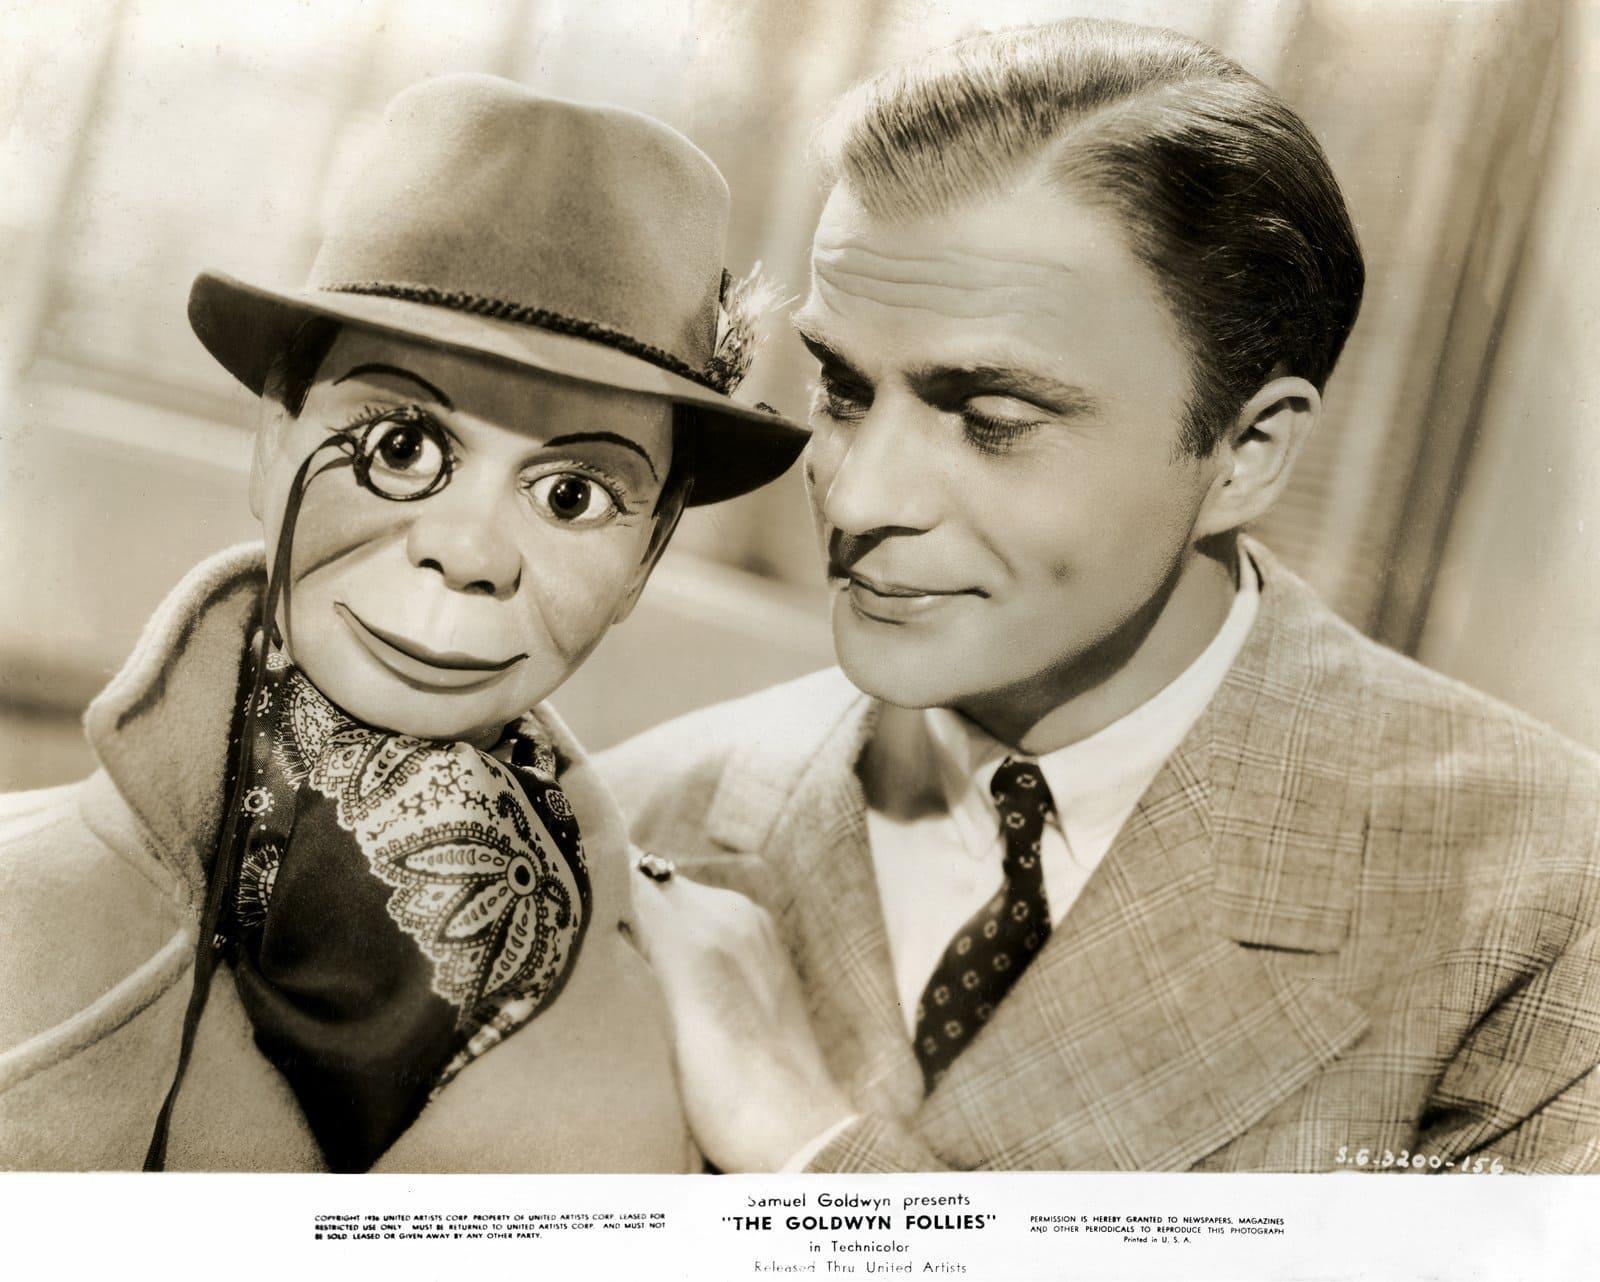 Edgar Bergen in The Goldwyn Follies